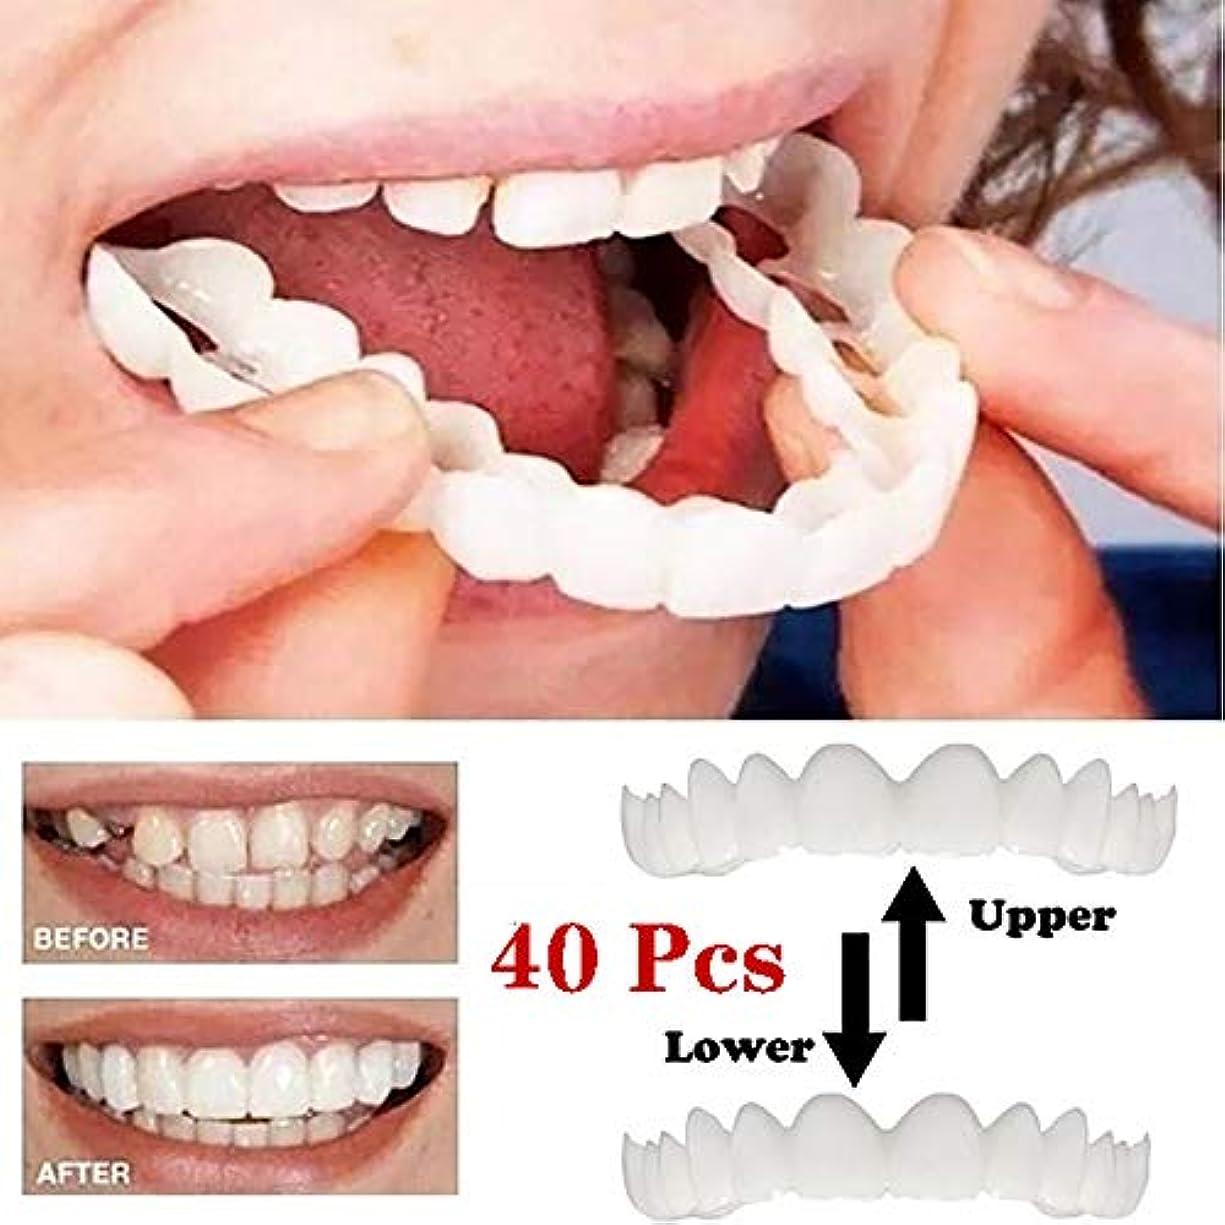 無効飛び込む割れ目最新の化粧板の歯、化粧品の歯40個 - 一時的な笑顔の快適さフィットフレックス化粧品の歯、ワンサイズが最もフィット - 歯突き板(下+上)